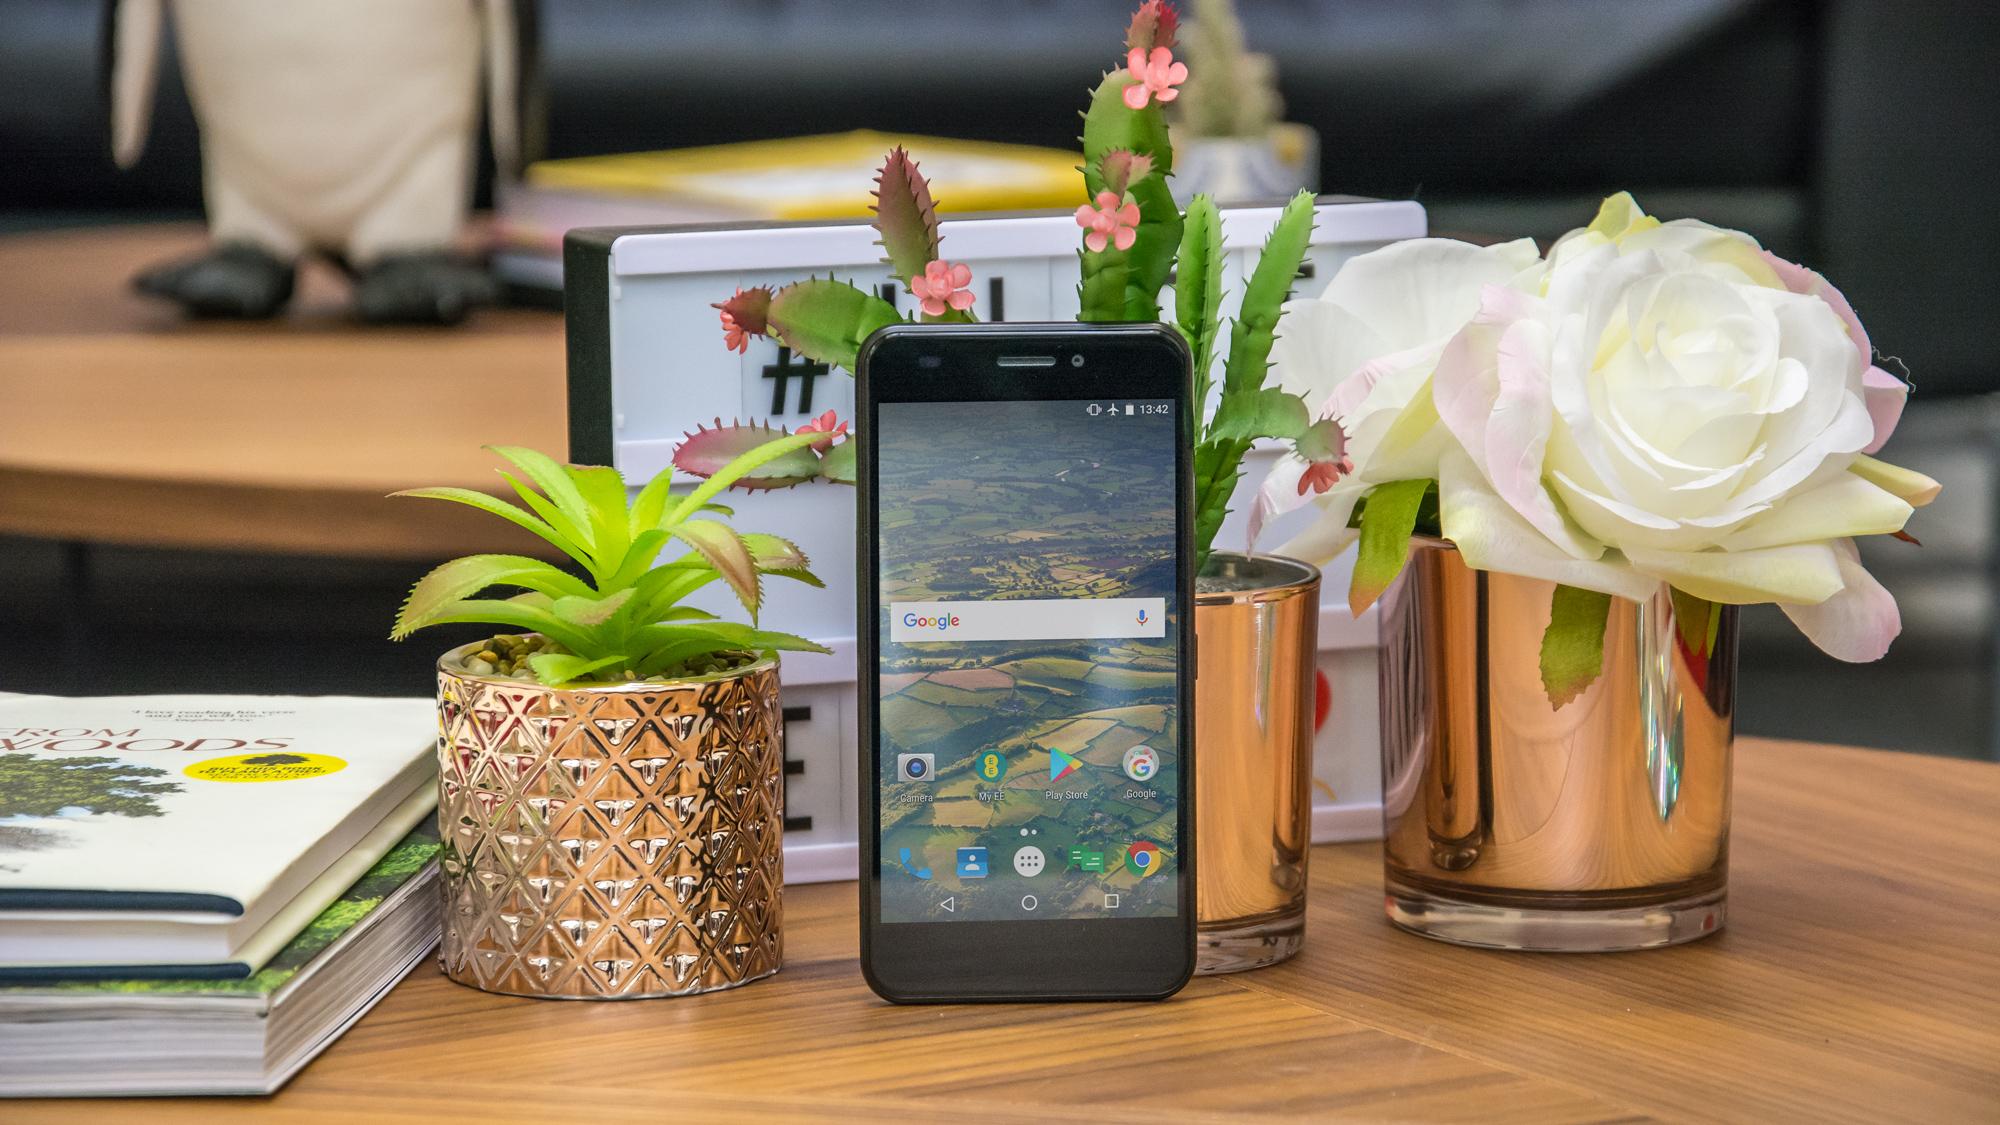 EE Hawk review: um telefone Android econômico que luta para permanecer no ar